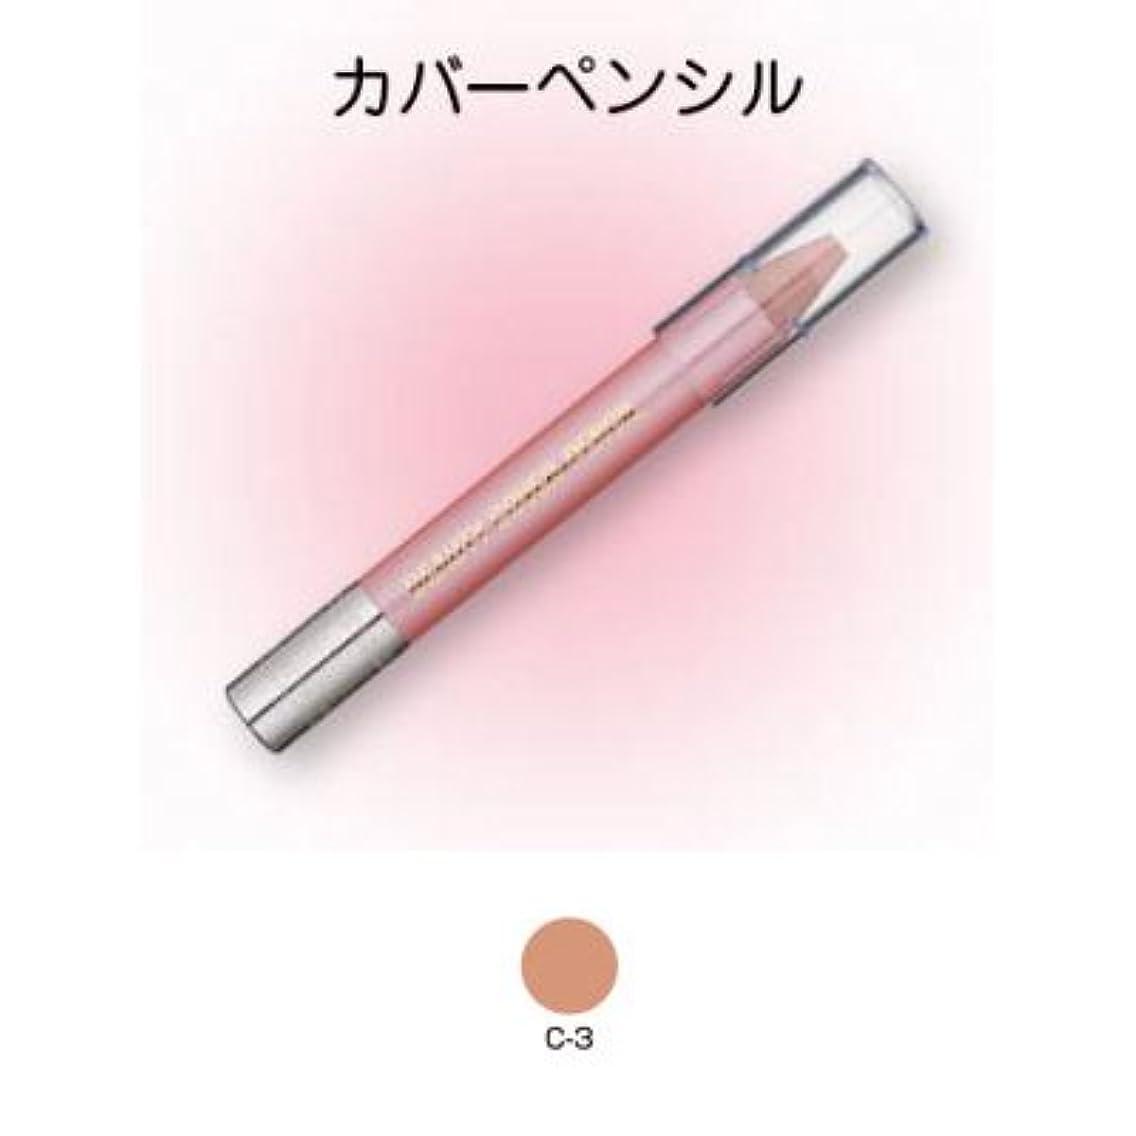 ドック第五嫌がらせビューティーカバーペンシル C-3【三善】